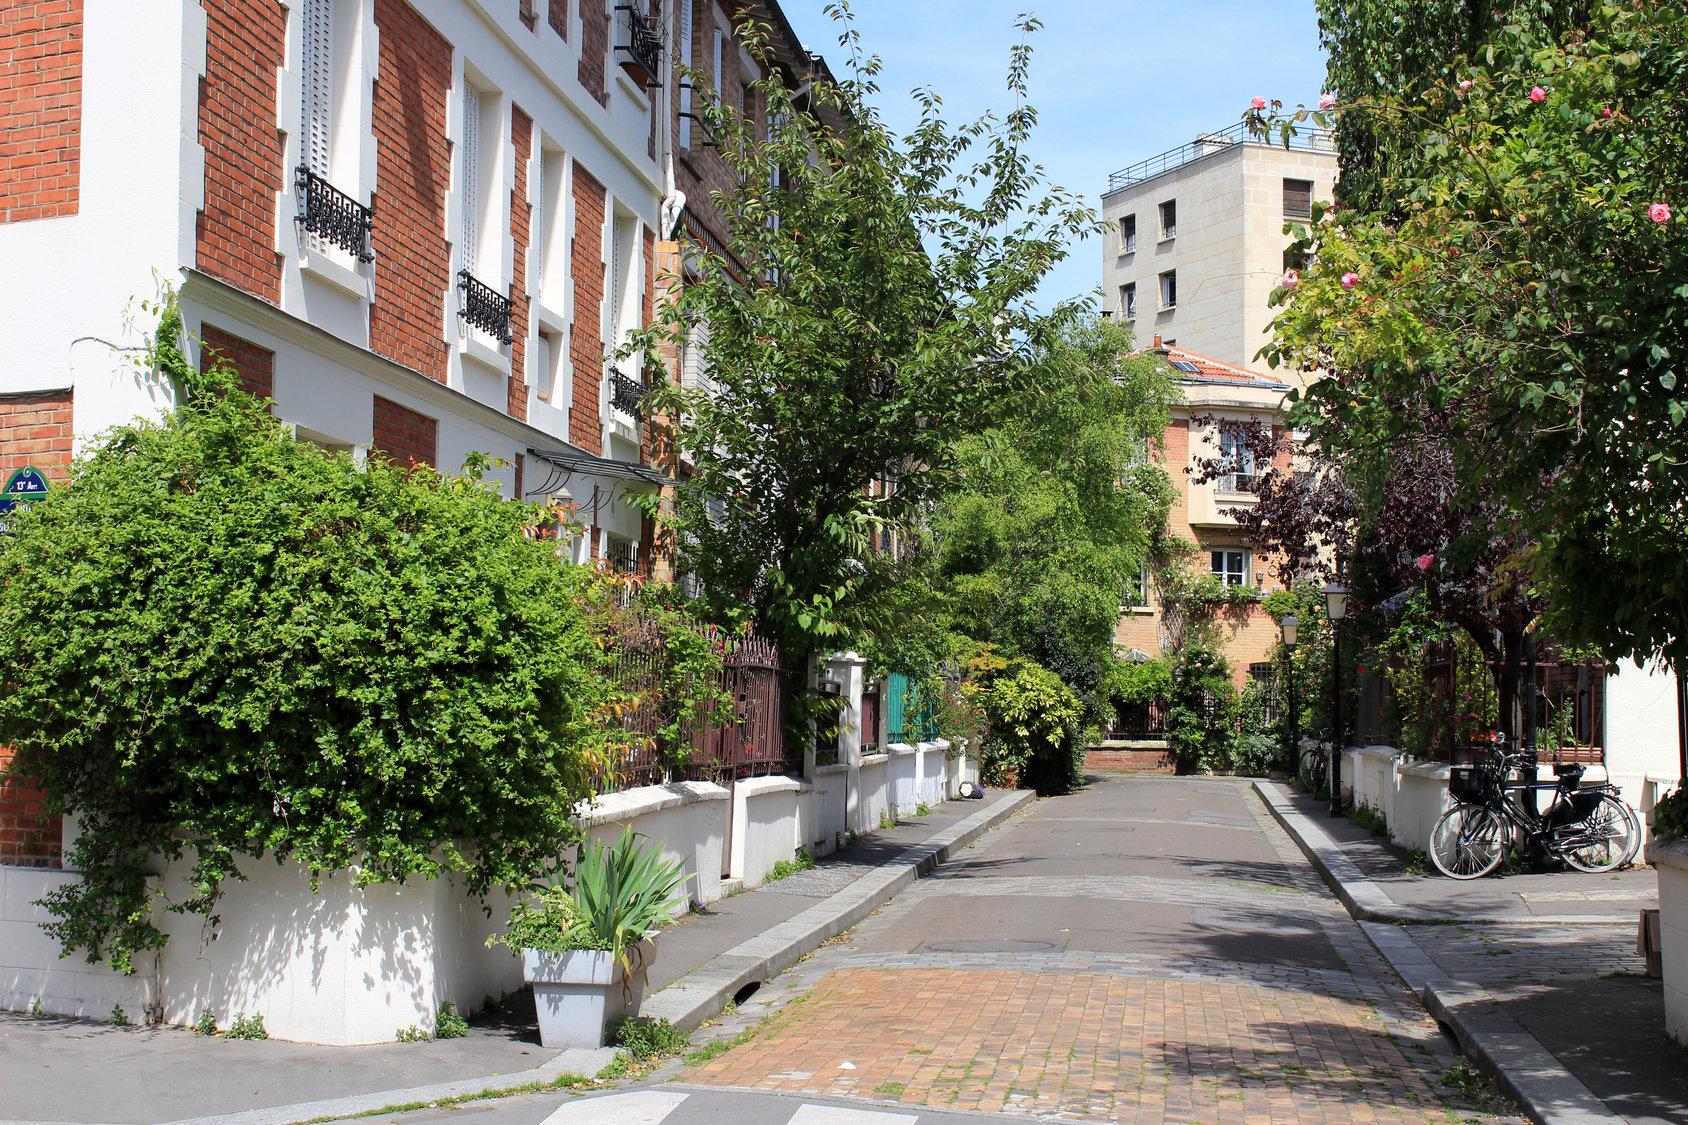 La Butte Aux Cailles Photos immobilier butte-aux-cailles - vivre dans le quartier butte